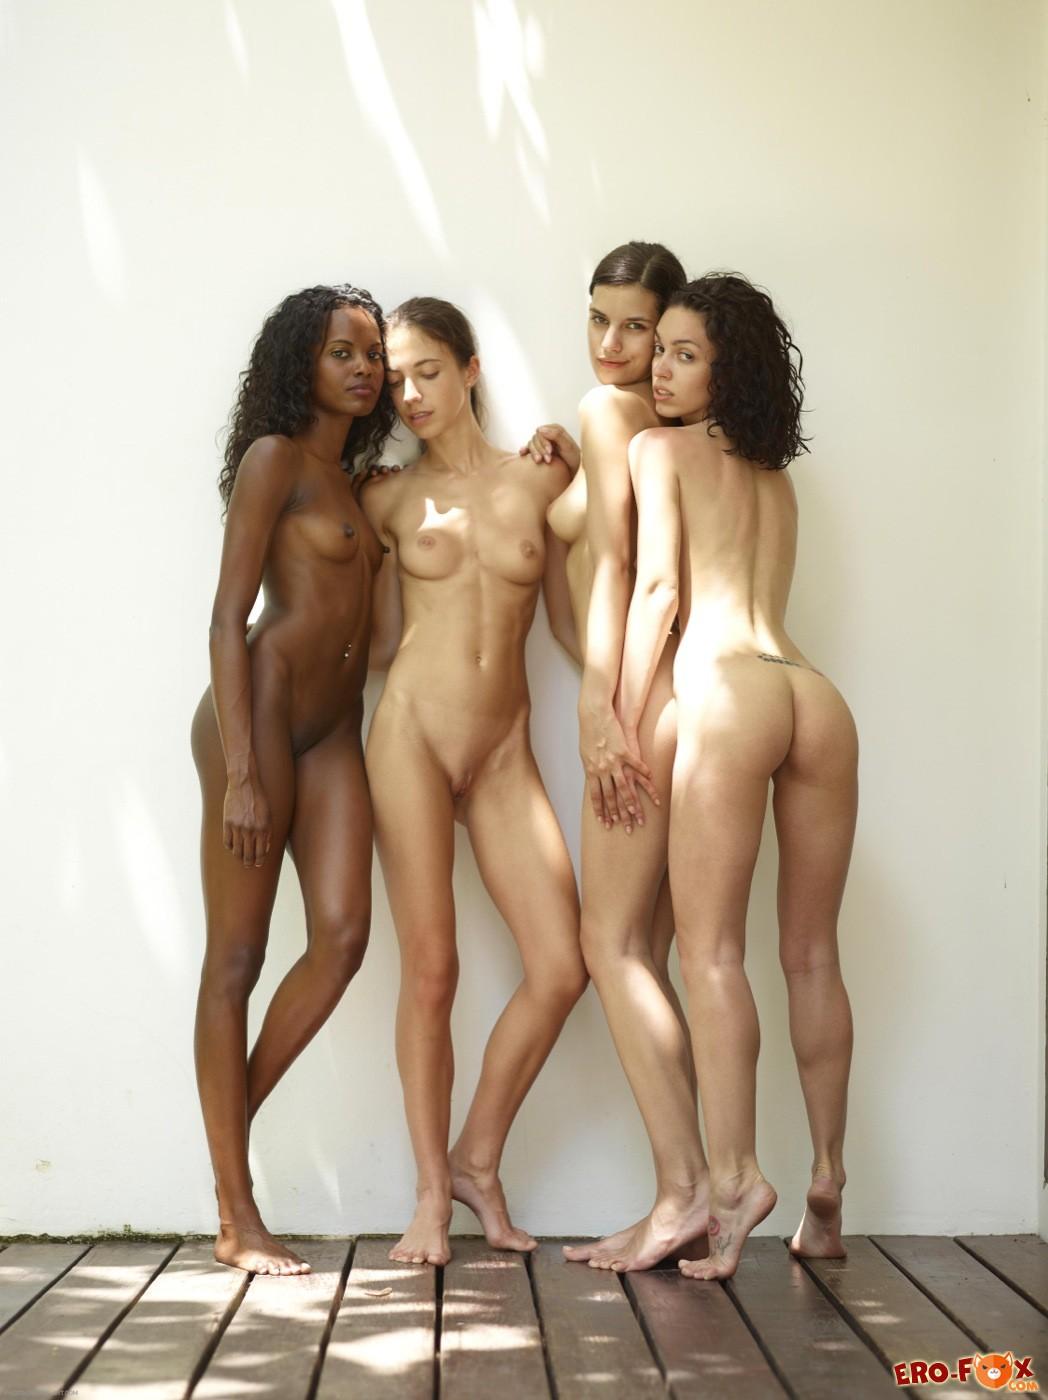 Четыре голые девушки сняли купальники - фото